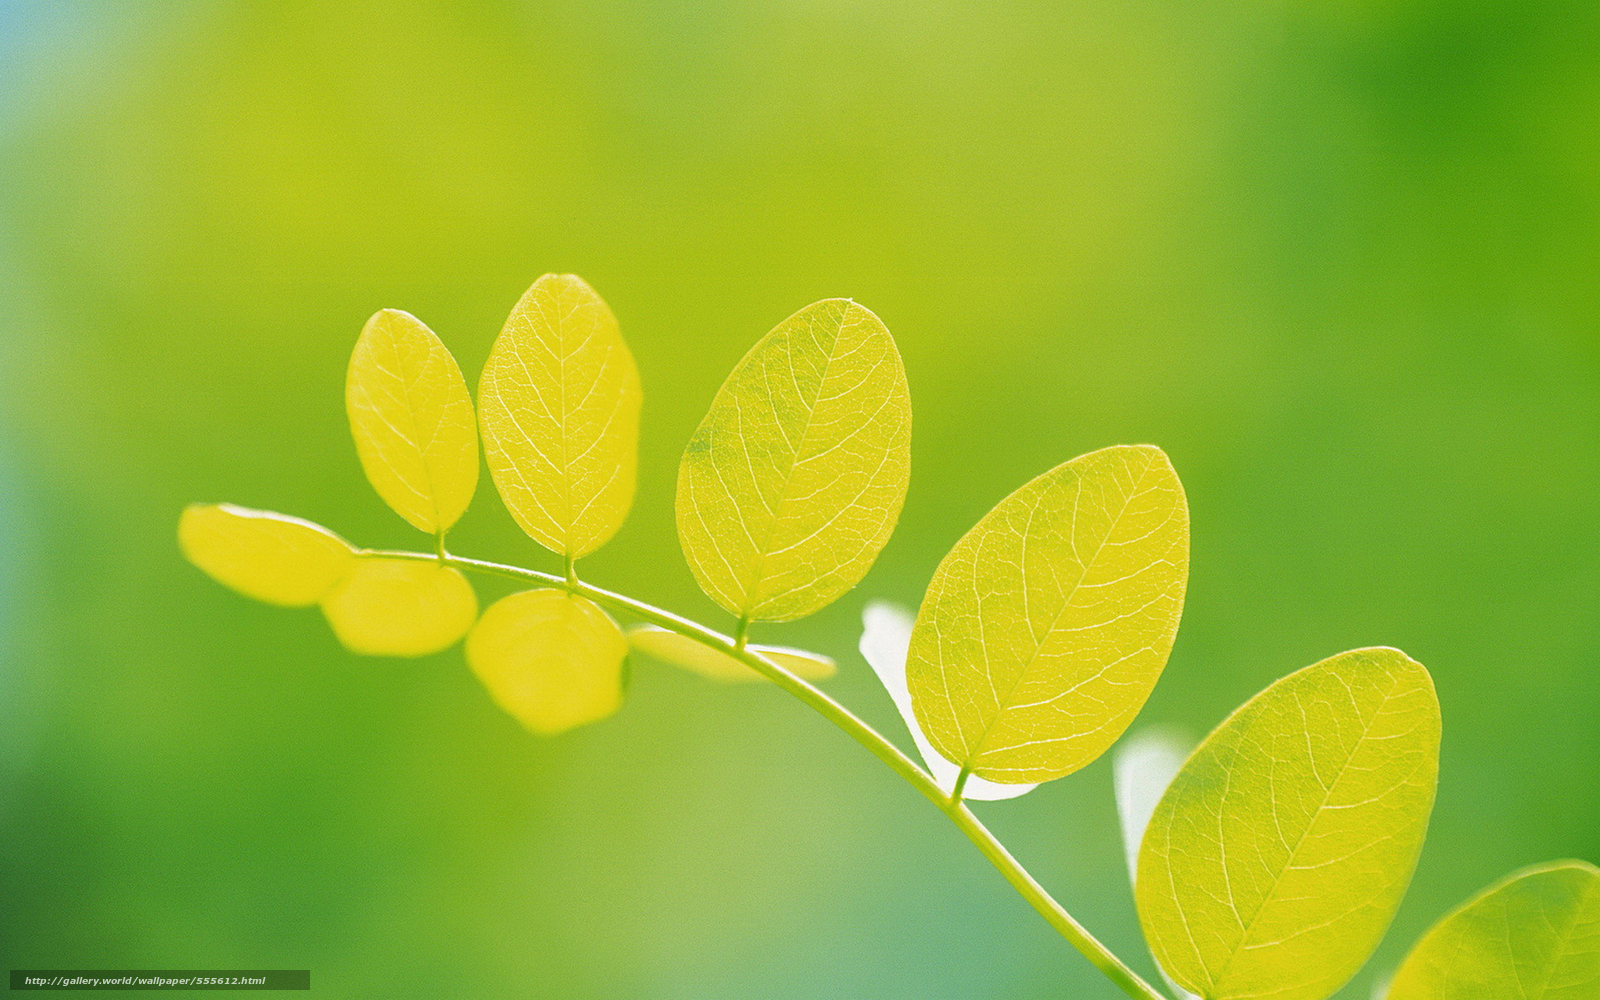 Скачать обои лист,  ветка,  зелень,  свет бесплатно для рабочего стола в разрешении 1920x1200 — картинка №555612